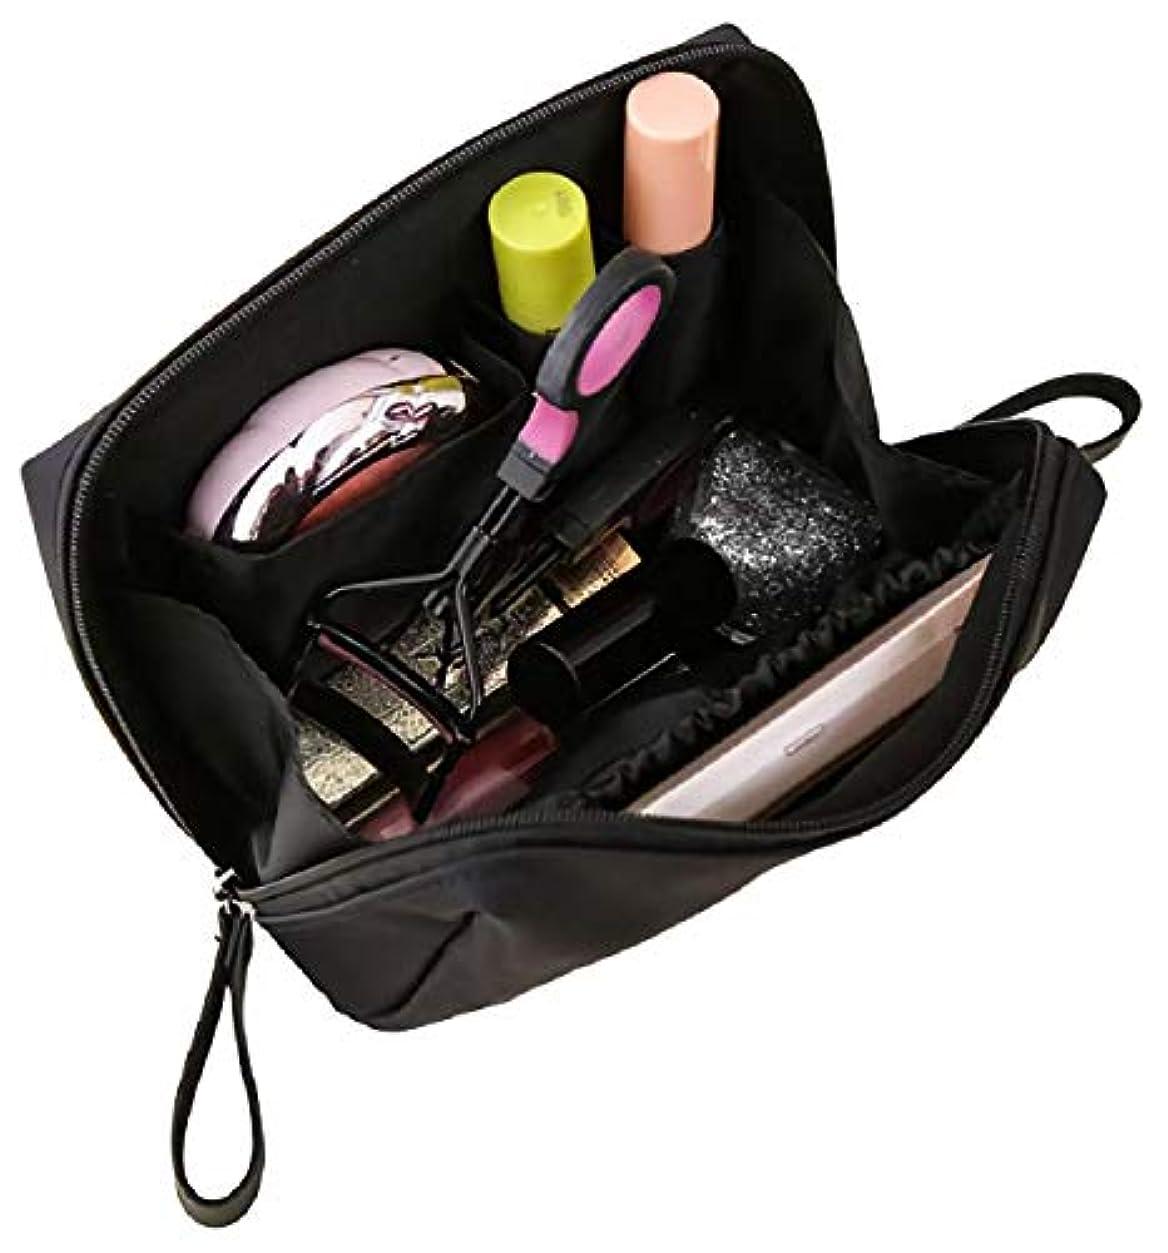 旅客設計未亡人[ウレギッシュ] 化粧ポーチ コンパクト メイクポーチ 化粧品 化粧道具 収納 バッグ (ブラック)